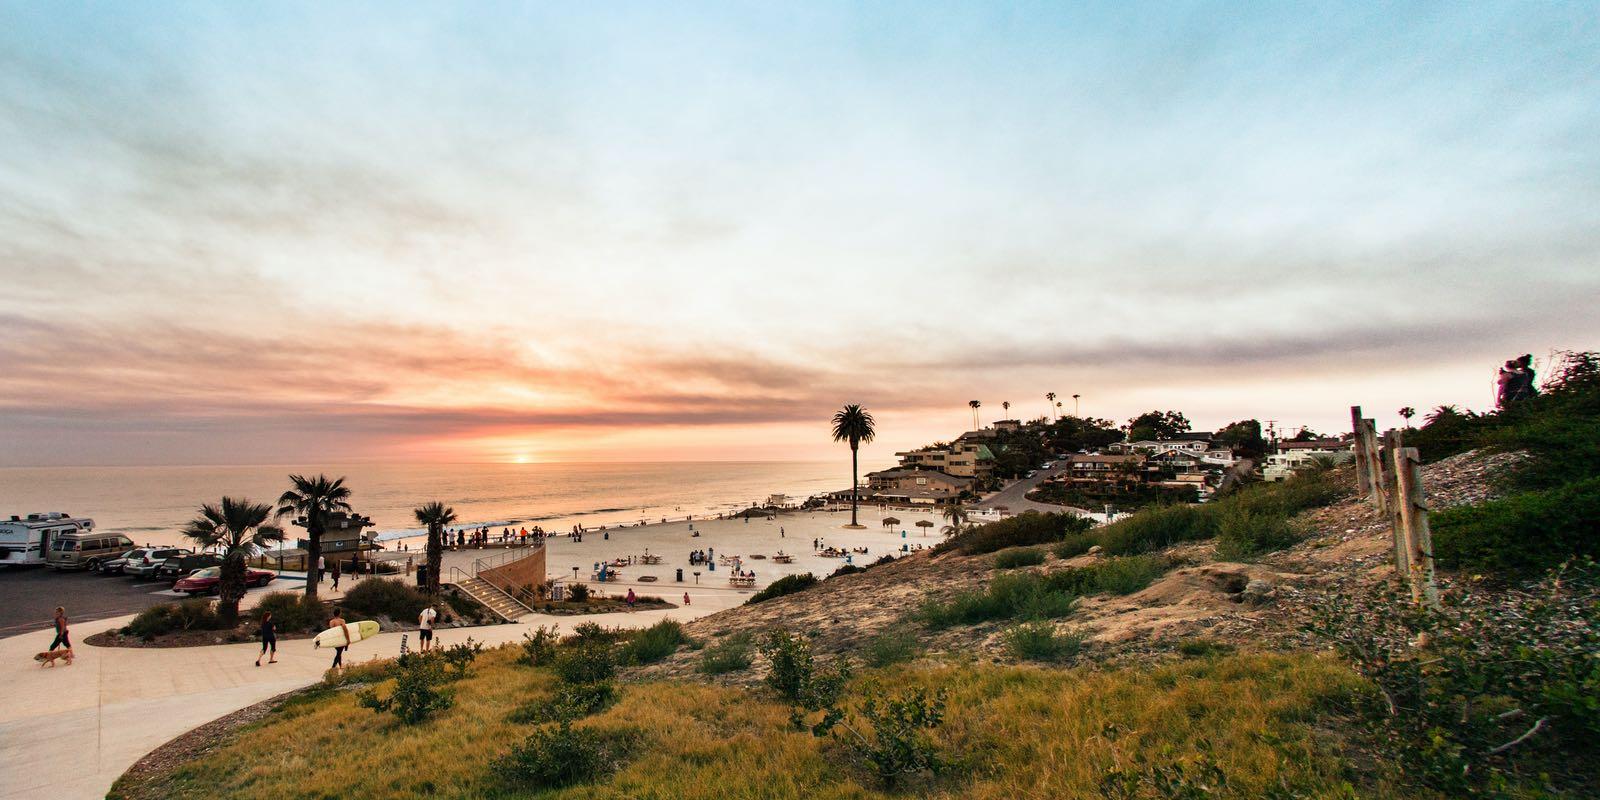 Enjoy some coastal distancing at North Coastal Moonlight Beach in Encinitas